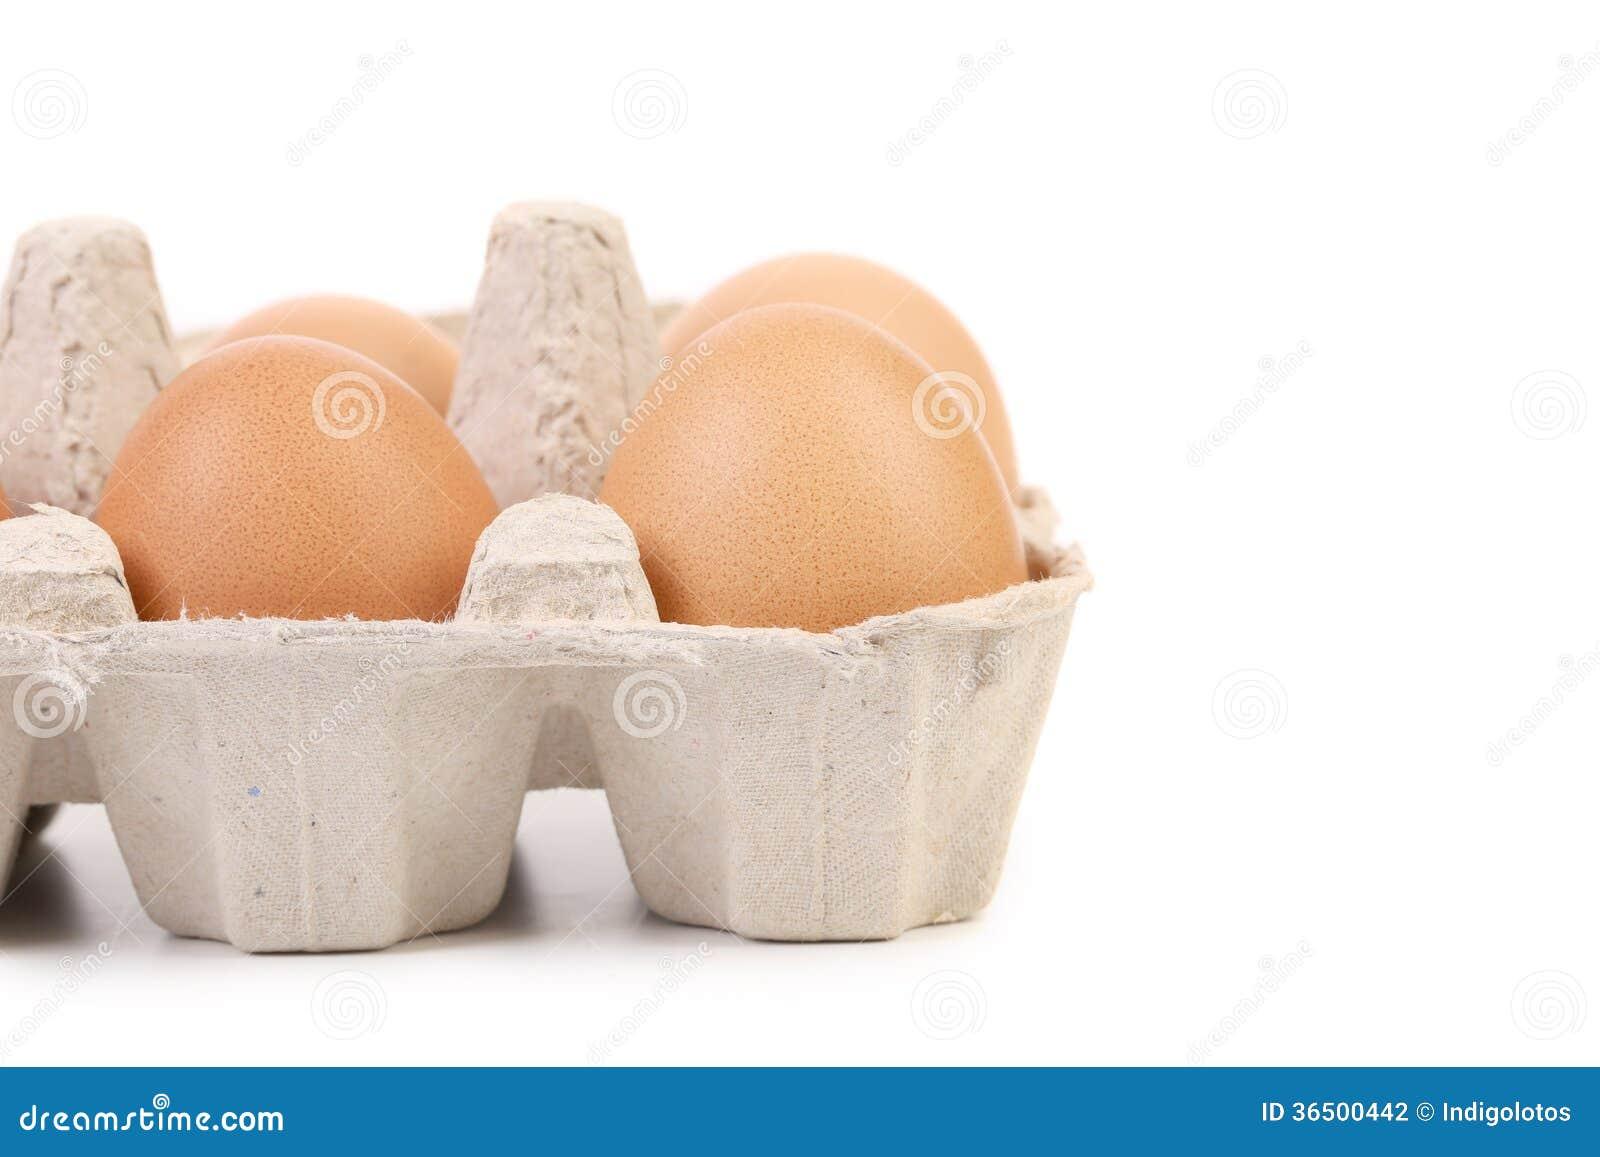 Bruna ägg i äggask.